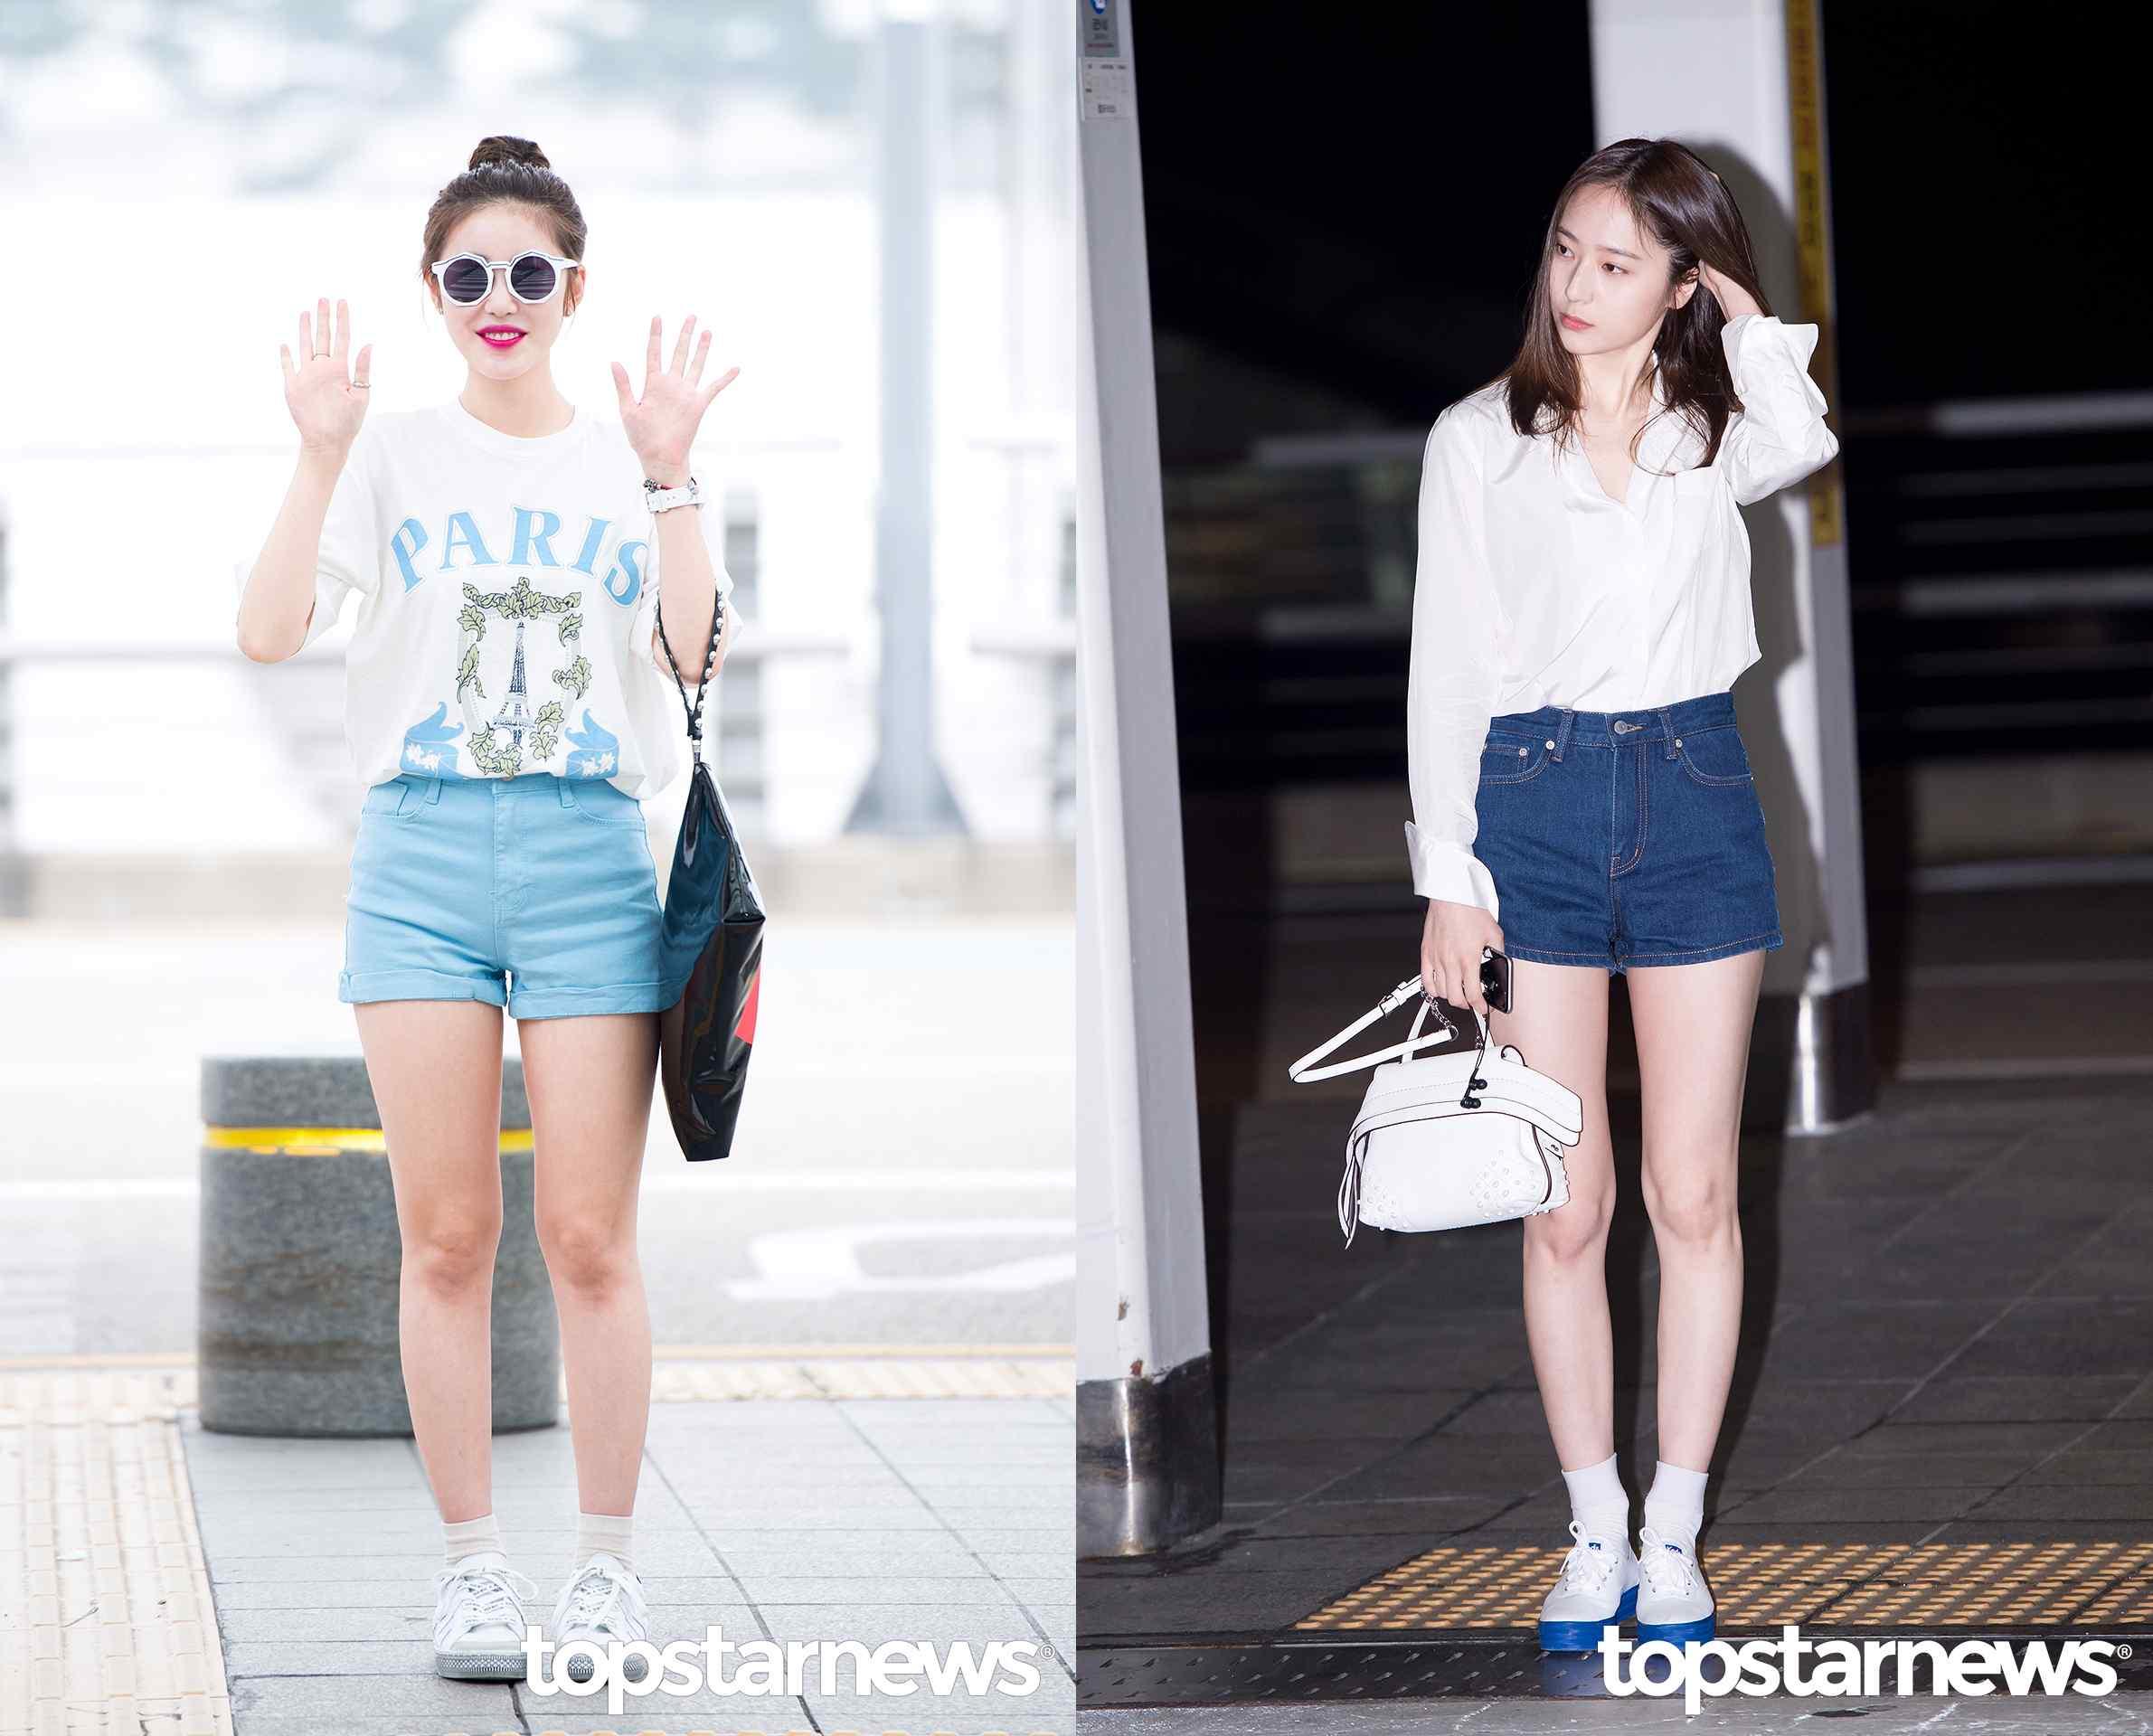 Style⑤高腰短褲 比起一般的短褲,韓國的高中生們更喜歡高腰短褲,因為可以把上衣塞進短褲里,修飾自己的身材比例,可以配寬T或者寬鬆的襯衫,而白襪X白球鞋也是必備搭配。